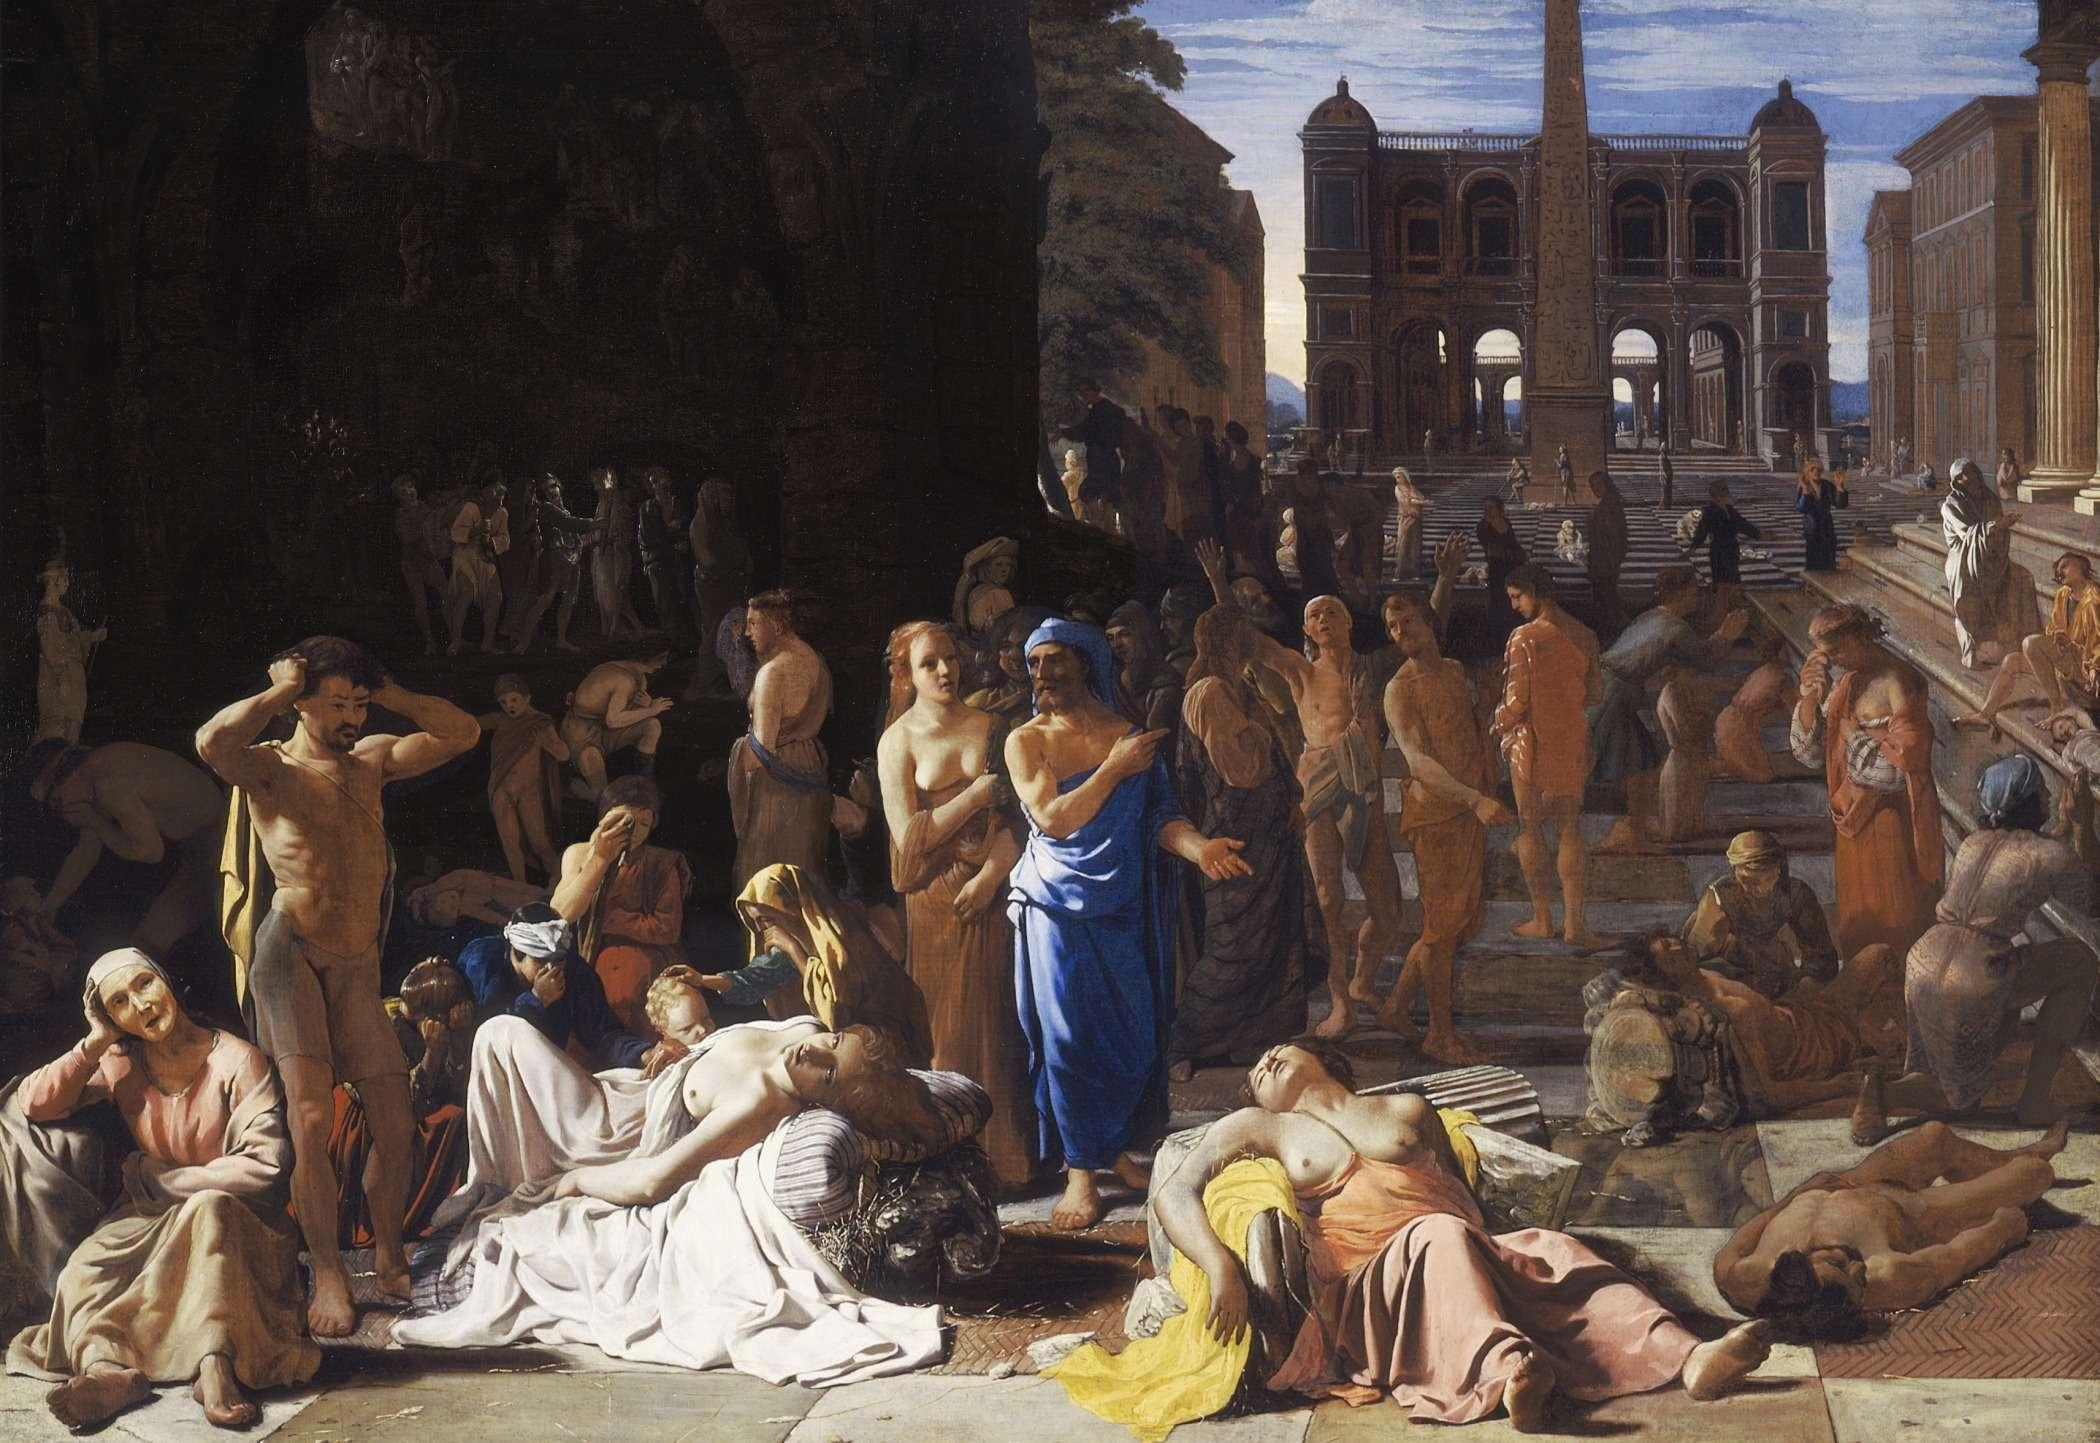 Λοιμός σε αρχαία πόλη, πίνακας του 17ου αιώνα του Μίχιελ Σβέιρτς, ο οποίος θεωρείται πως αναφέρεται στο λοιμό των Αθηνών.